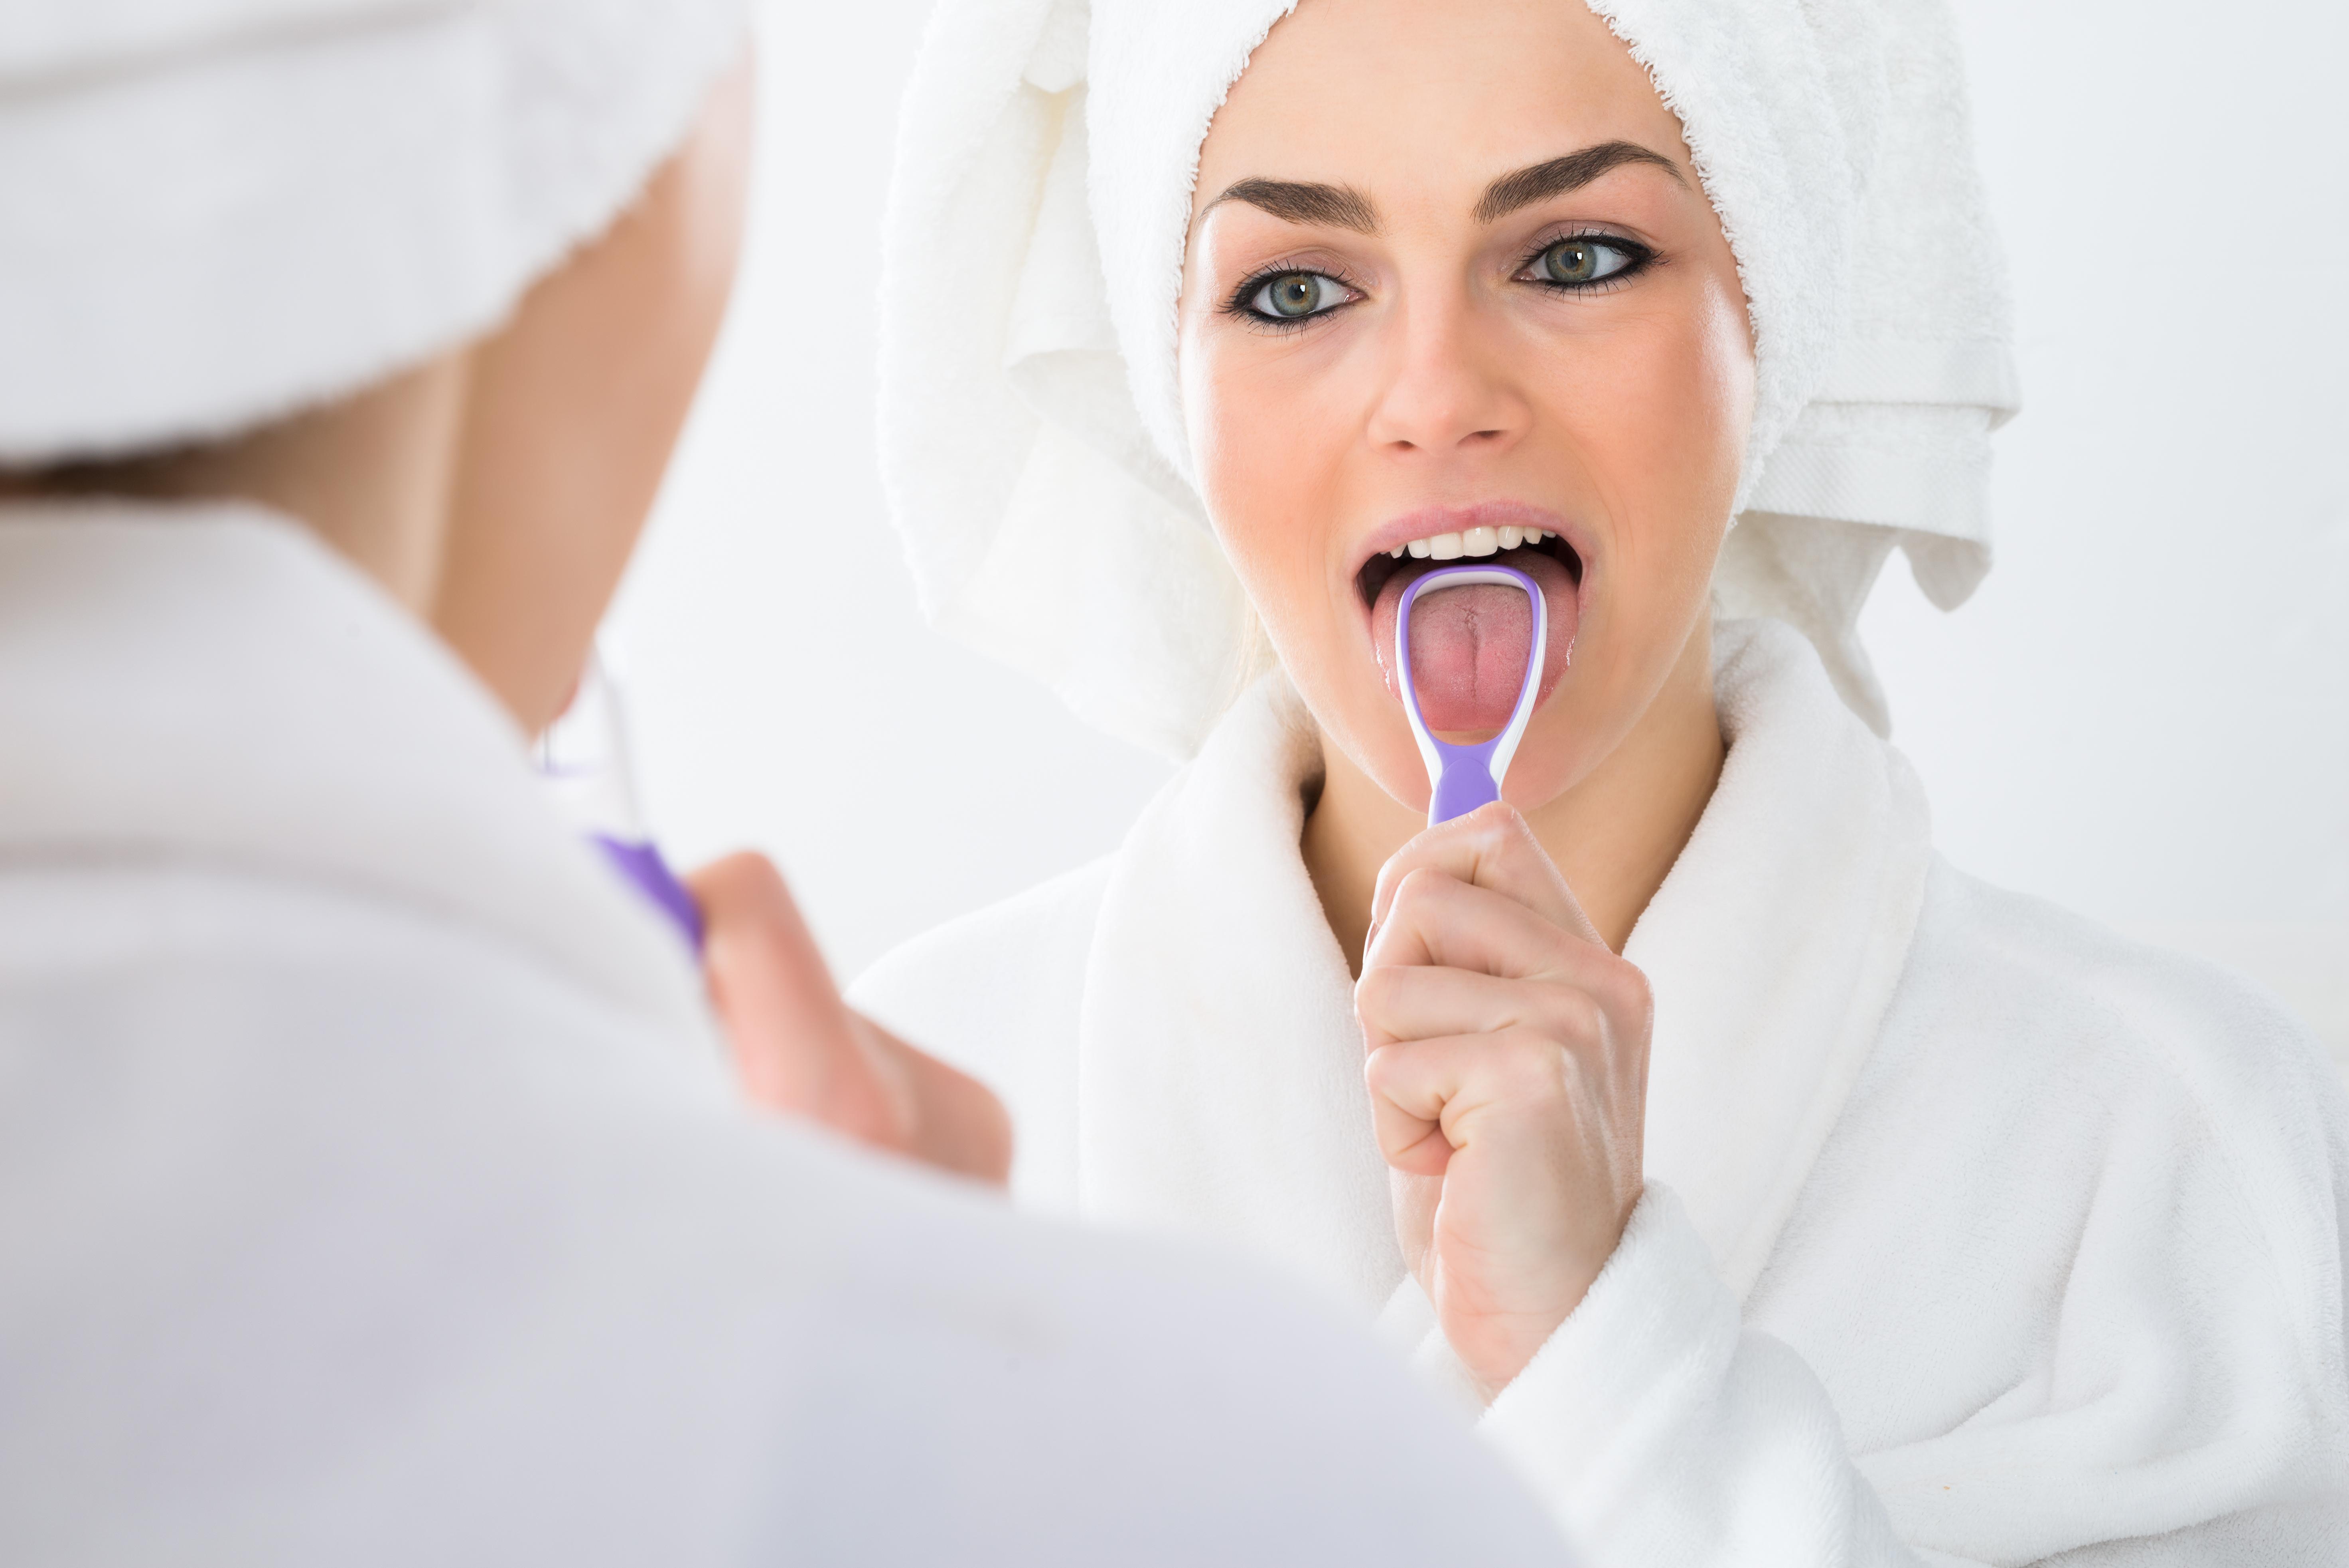 Dentist in Cambridge, MA | Should I Be Using a Tongue Scraper?